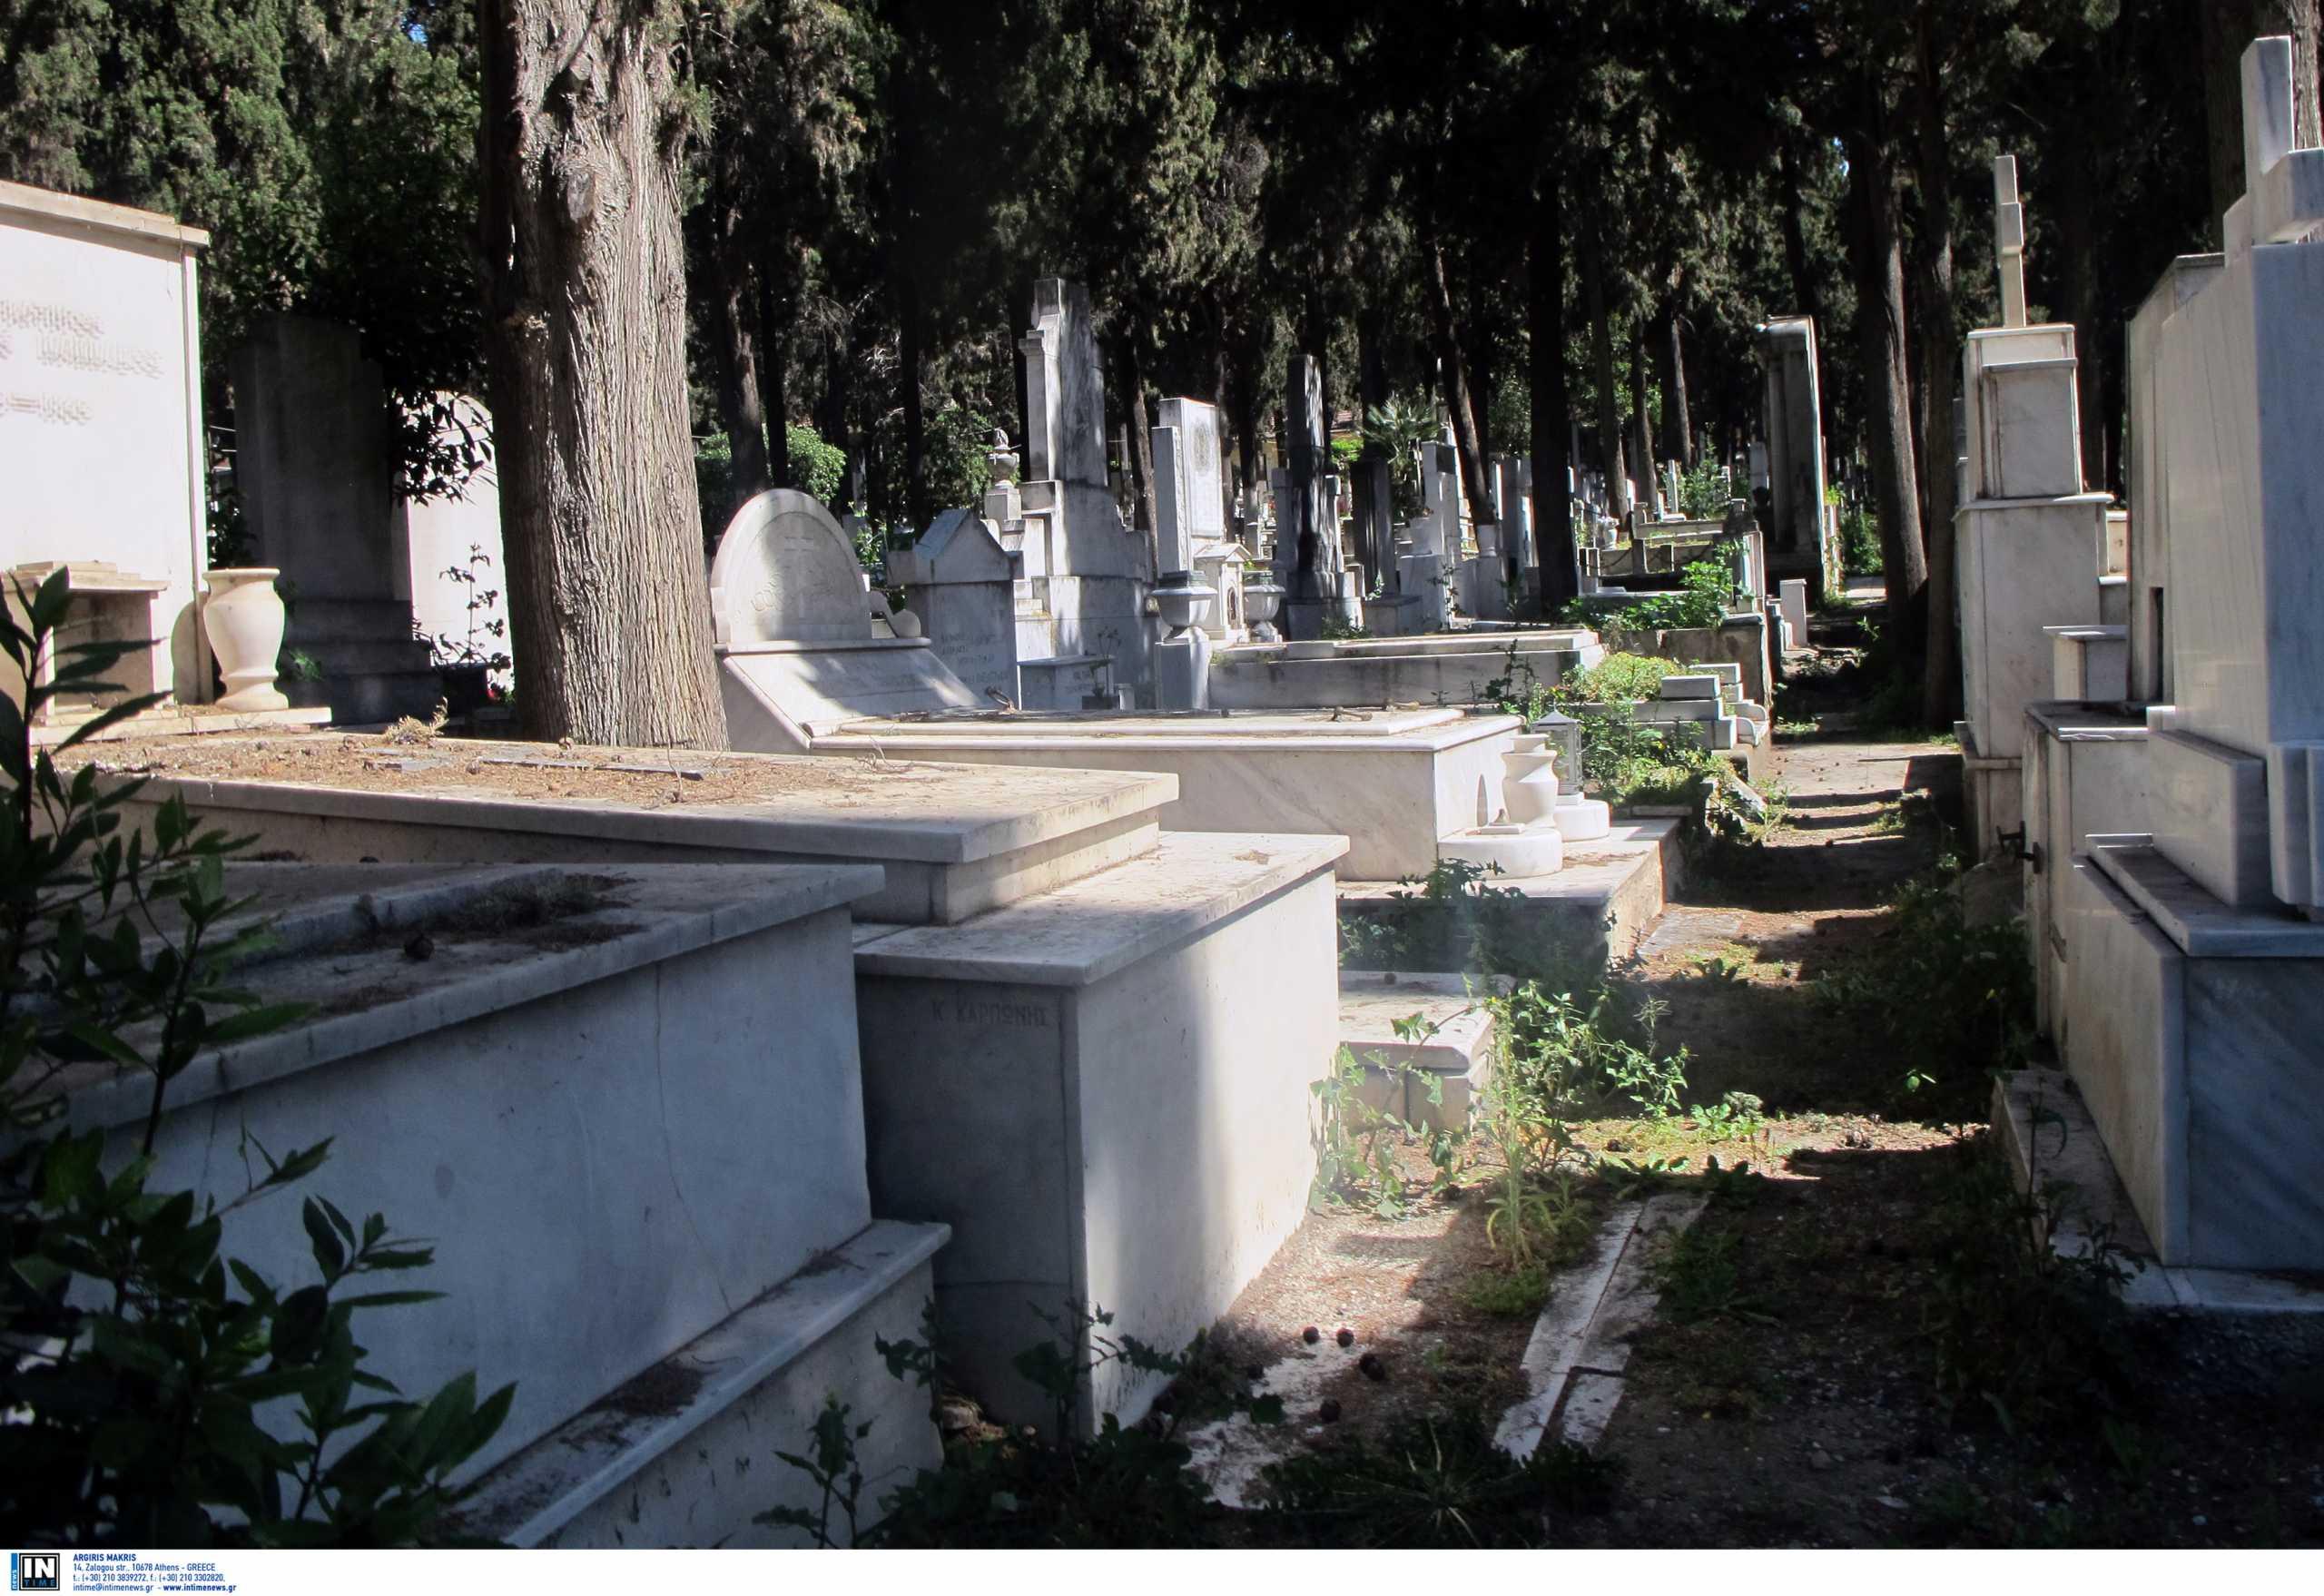 «Ο νεκρός κουνούσε τα μάτια του» – Εκταφή στη Θεσσαλονίκη μετά από μαρτυρία